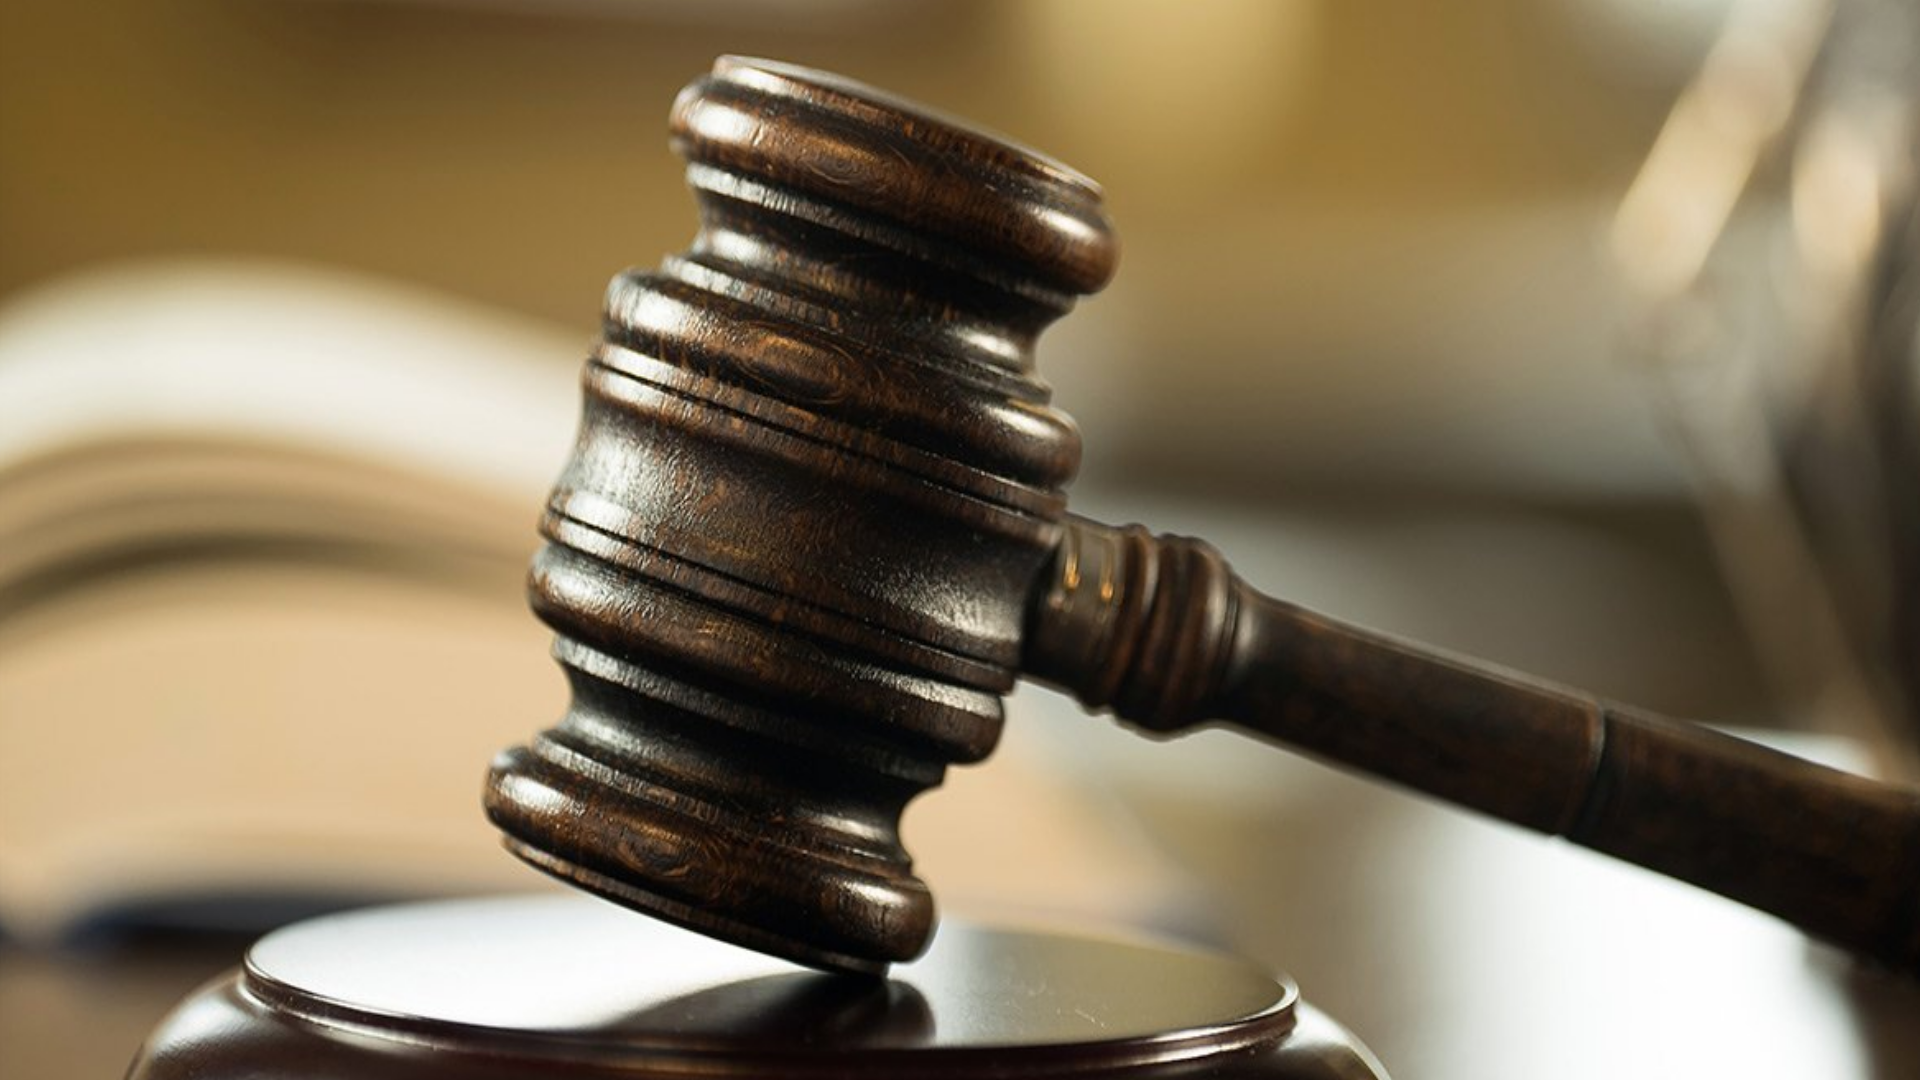 Rive Juridiska Byra – Specialister på arbetsrätt